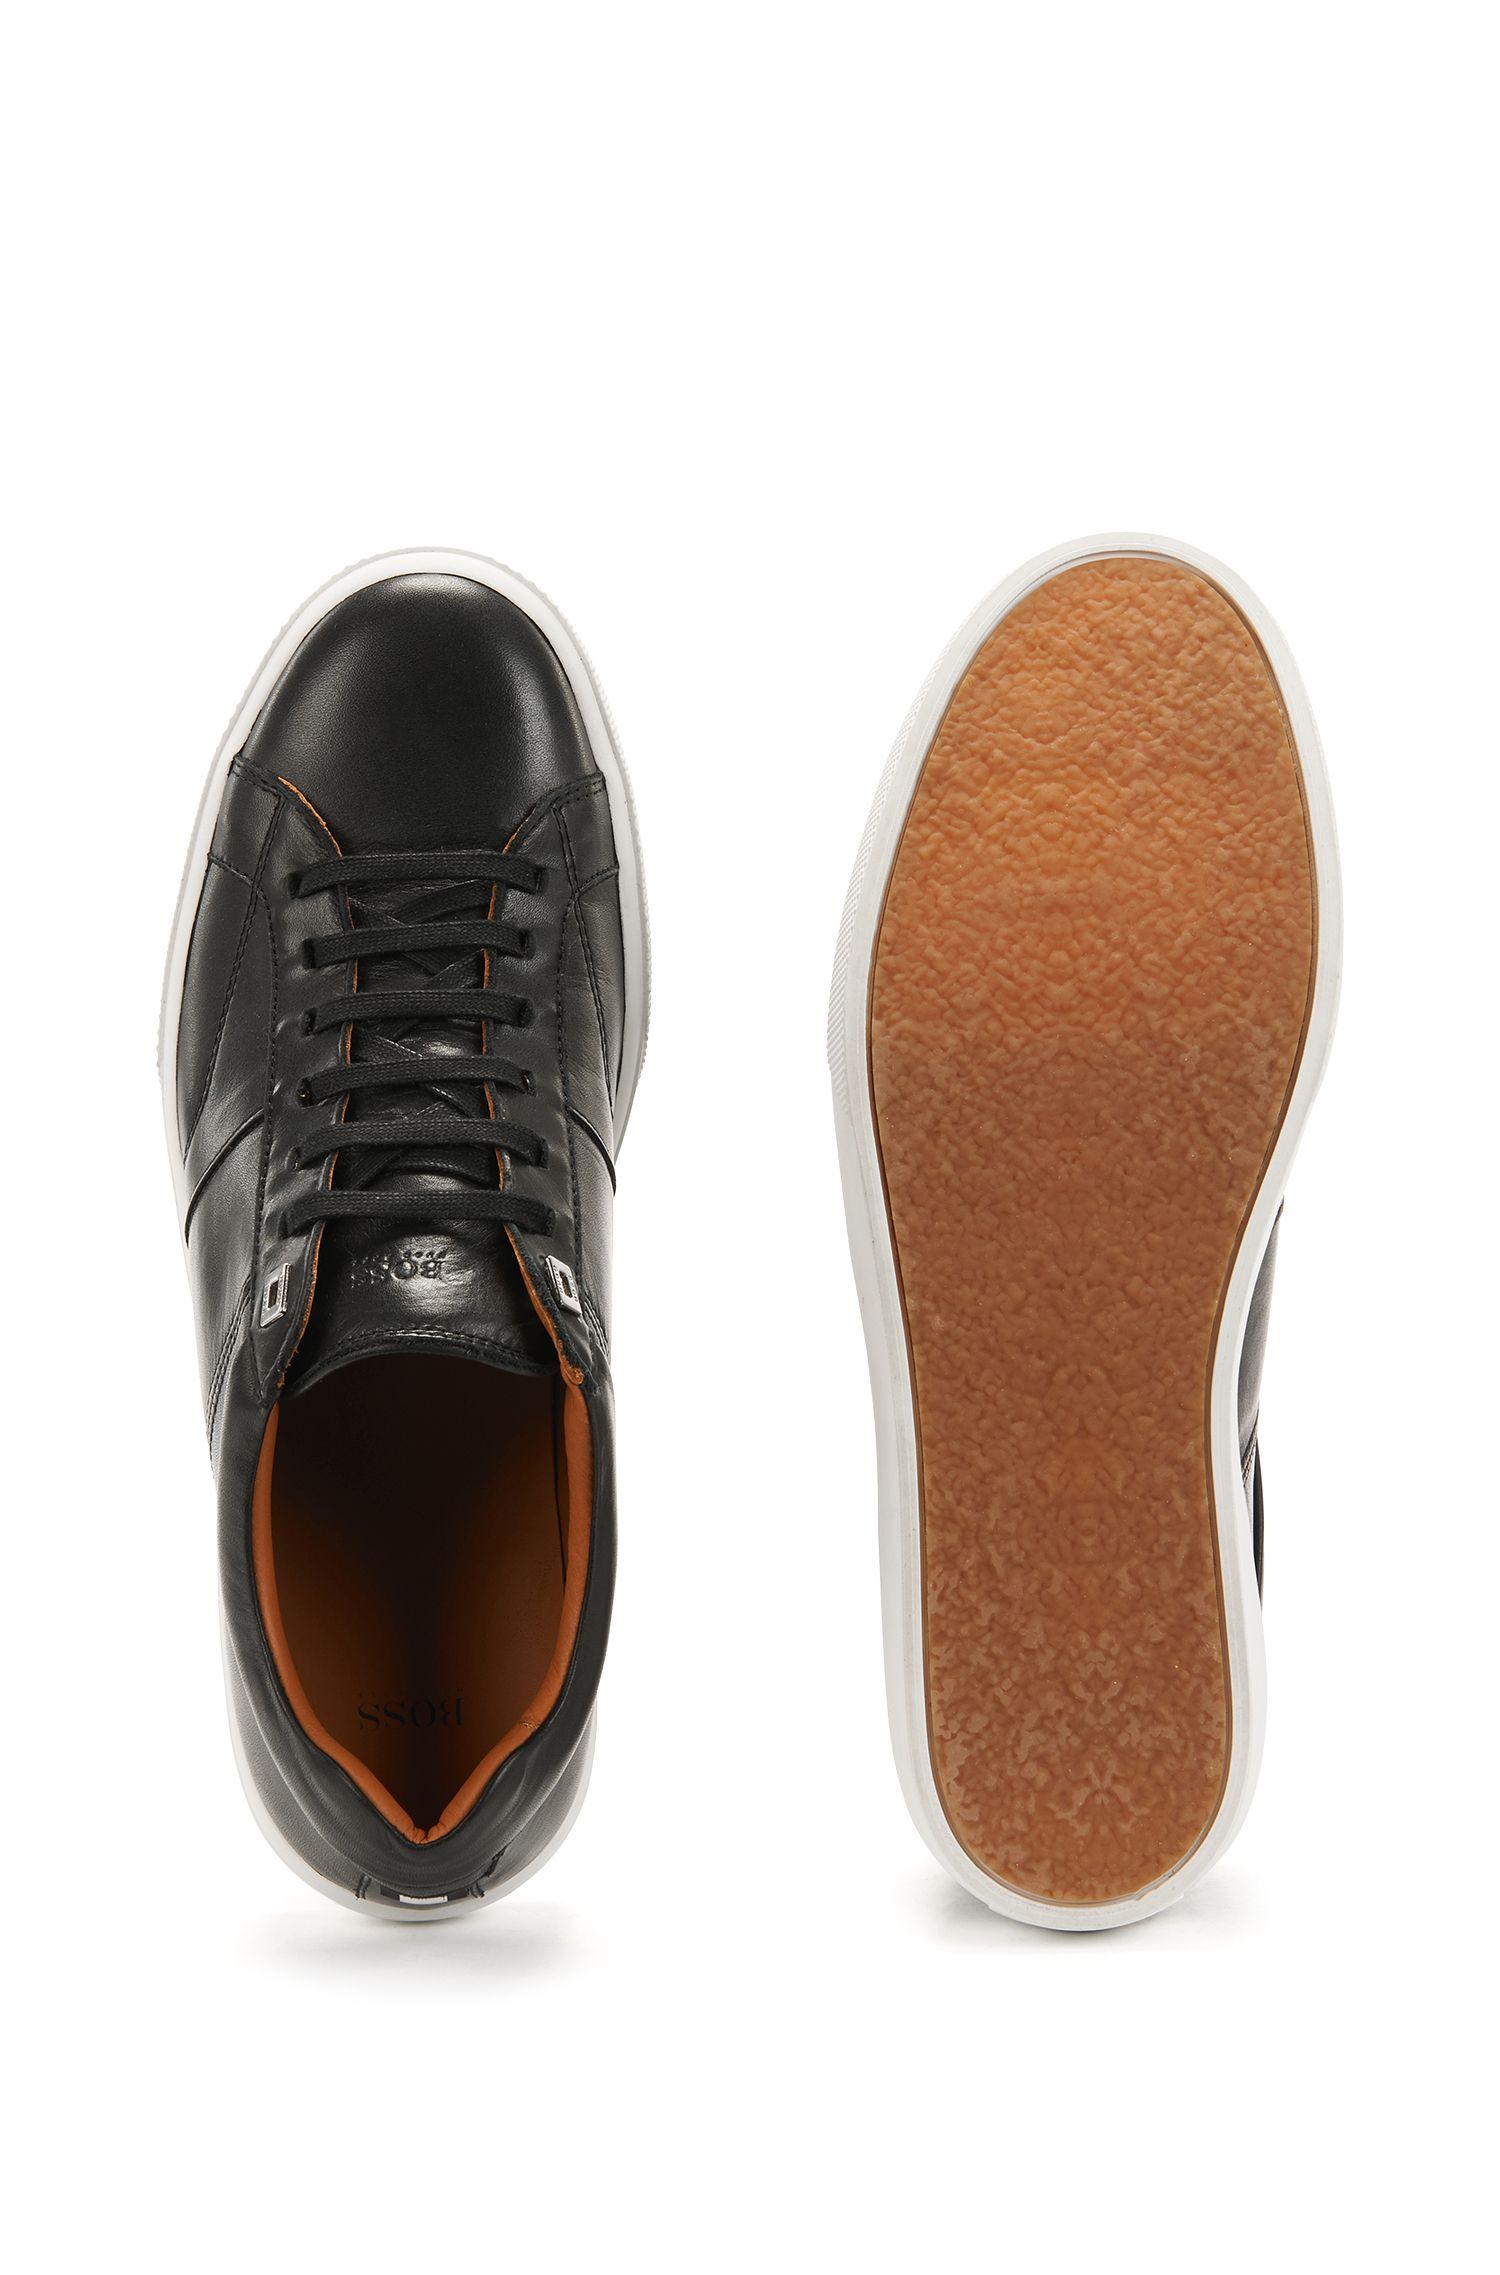 Sneakers in tennisstijl van Italiaans kalfsleer